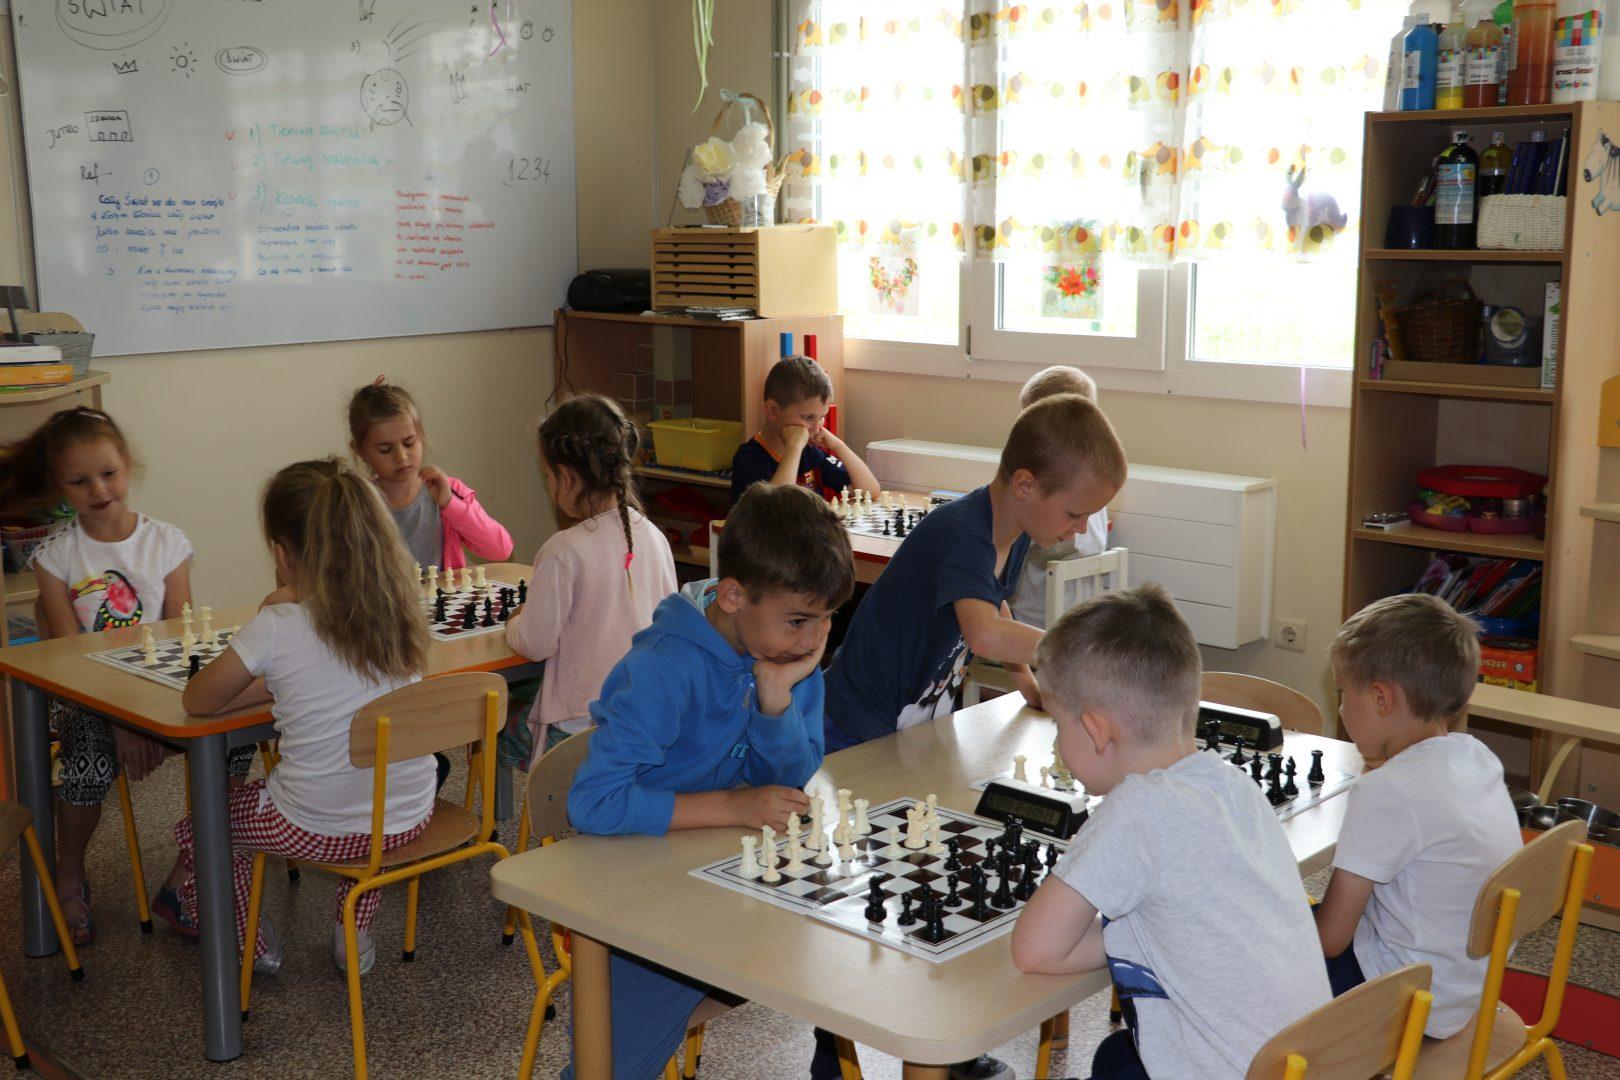 V Szachowe Mistrzostwa Przedszkola Frajda, Świdnica, 31.05.2017